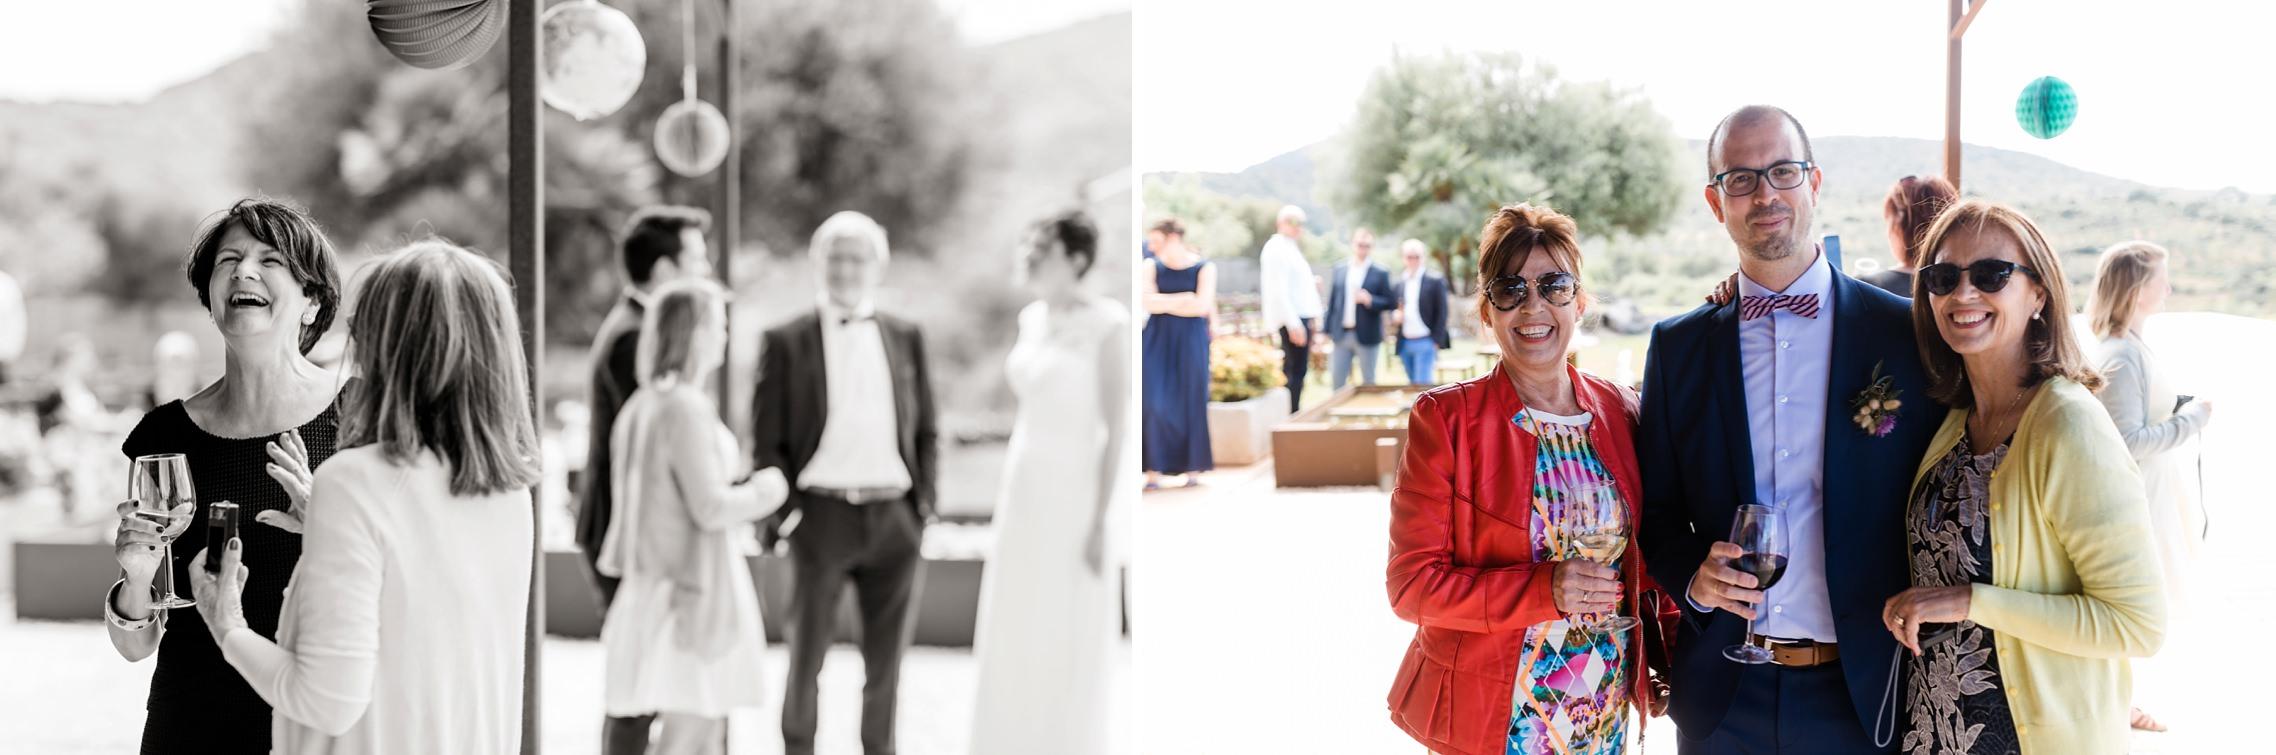 Gutgelaunte Gäste auf der Finca-Hochzeit